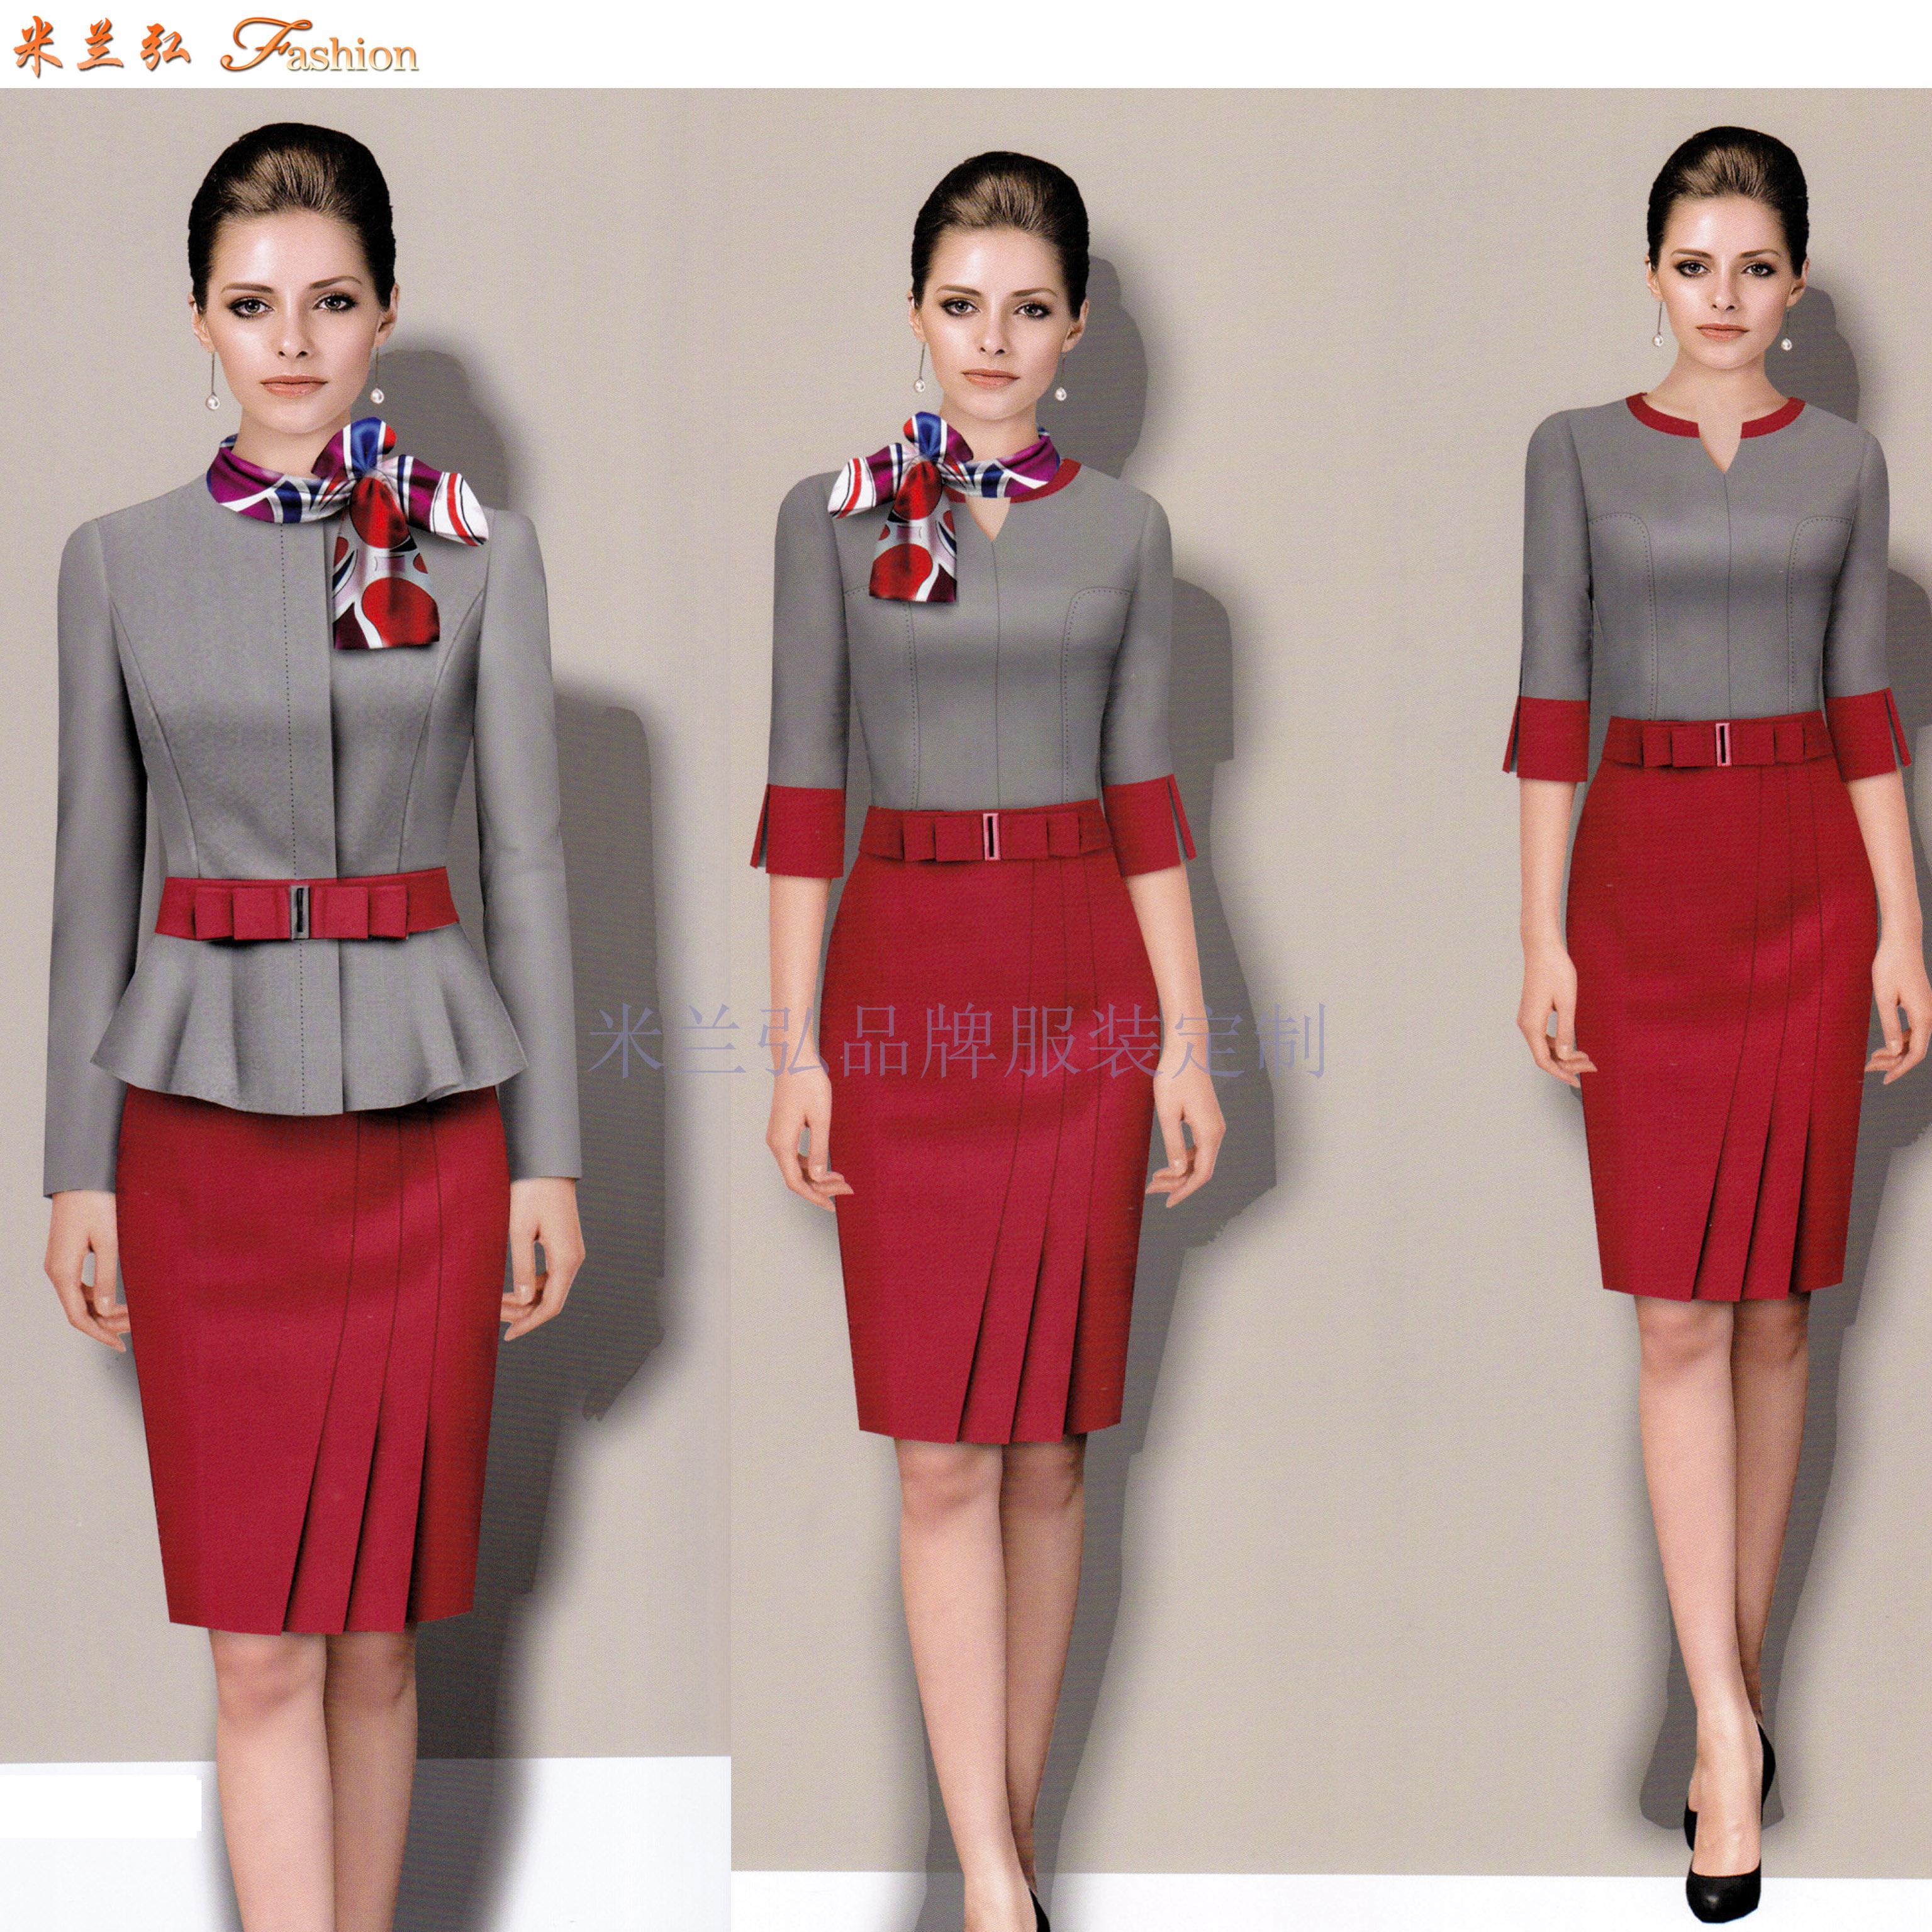 「濟南空姐服定制」「濟南空乘服訂做」推薦式樣時髦米蘭弘服裝-4